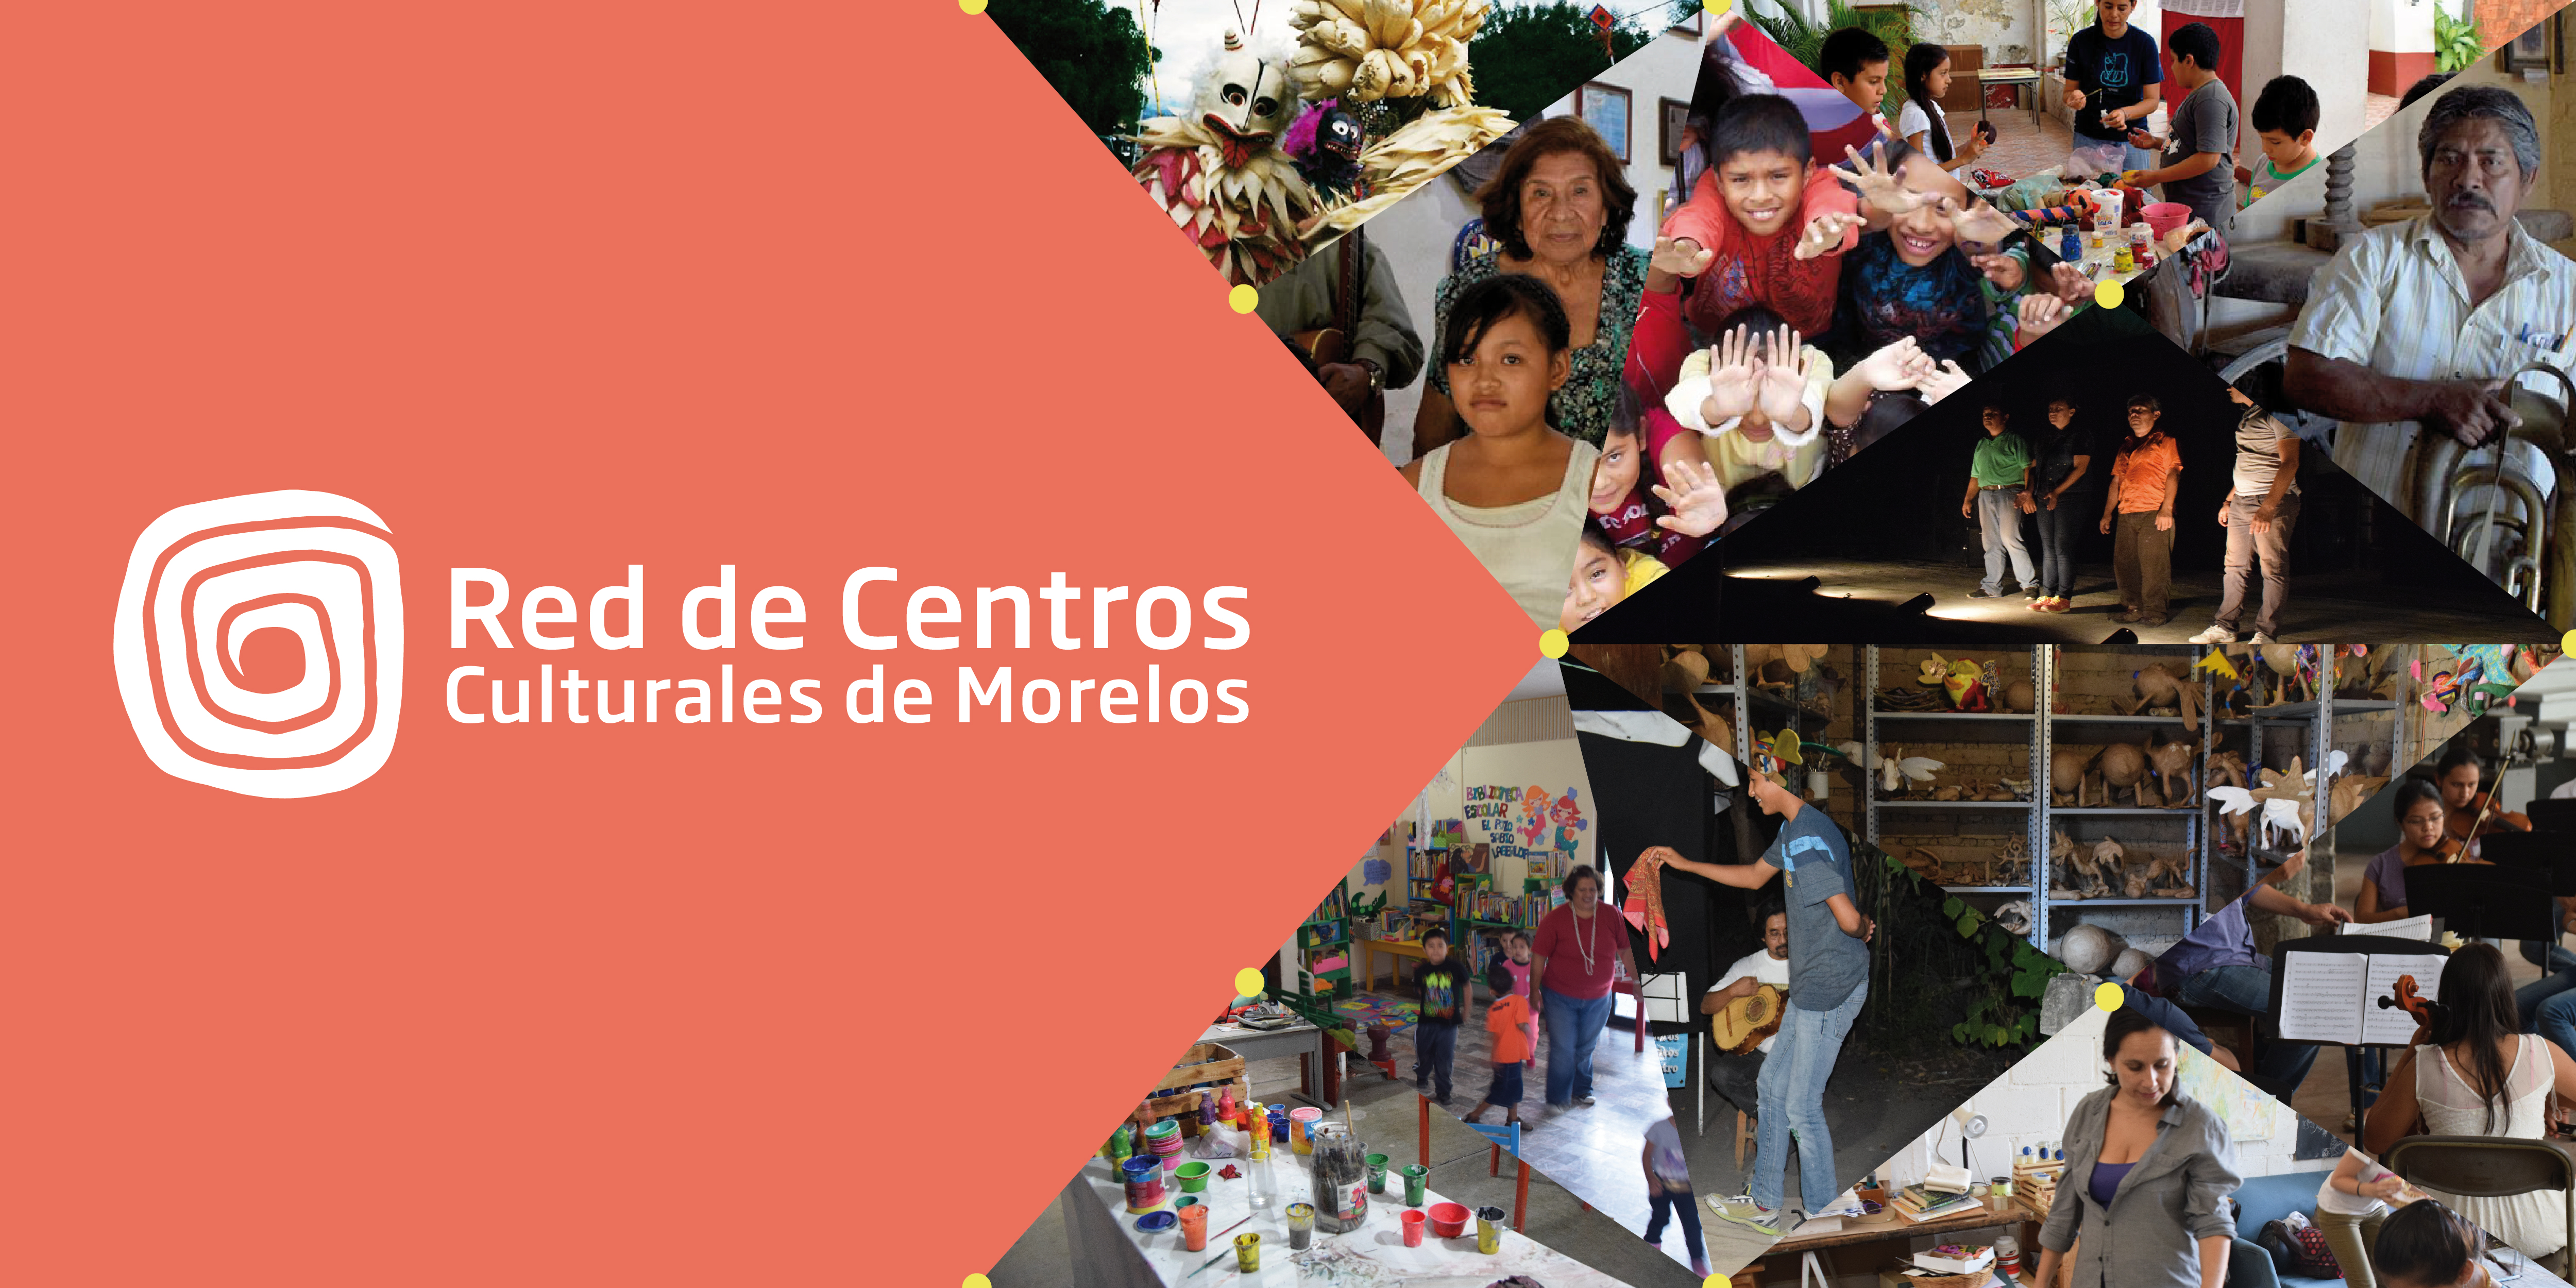 RED DE CENTROS CULTURALES DE MORELOS